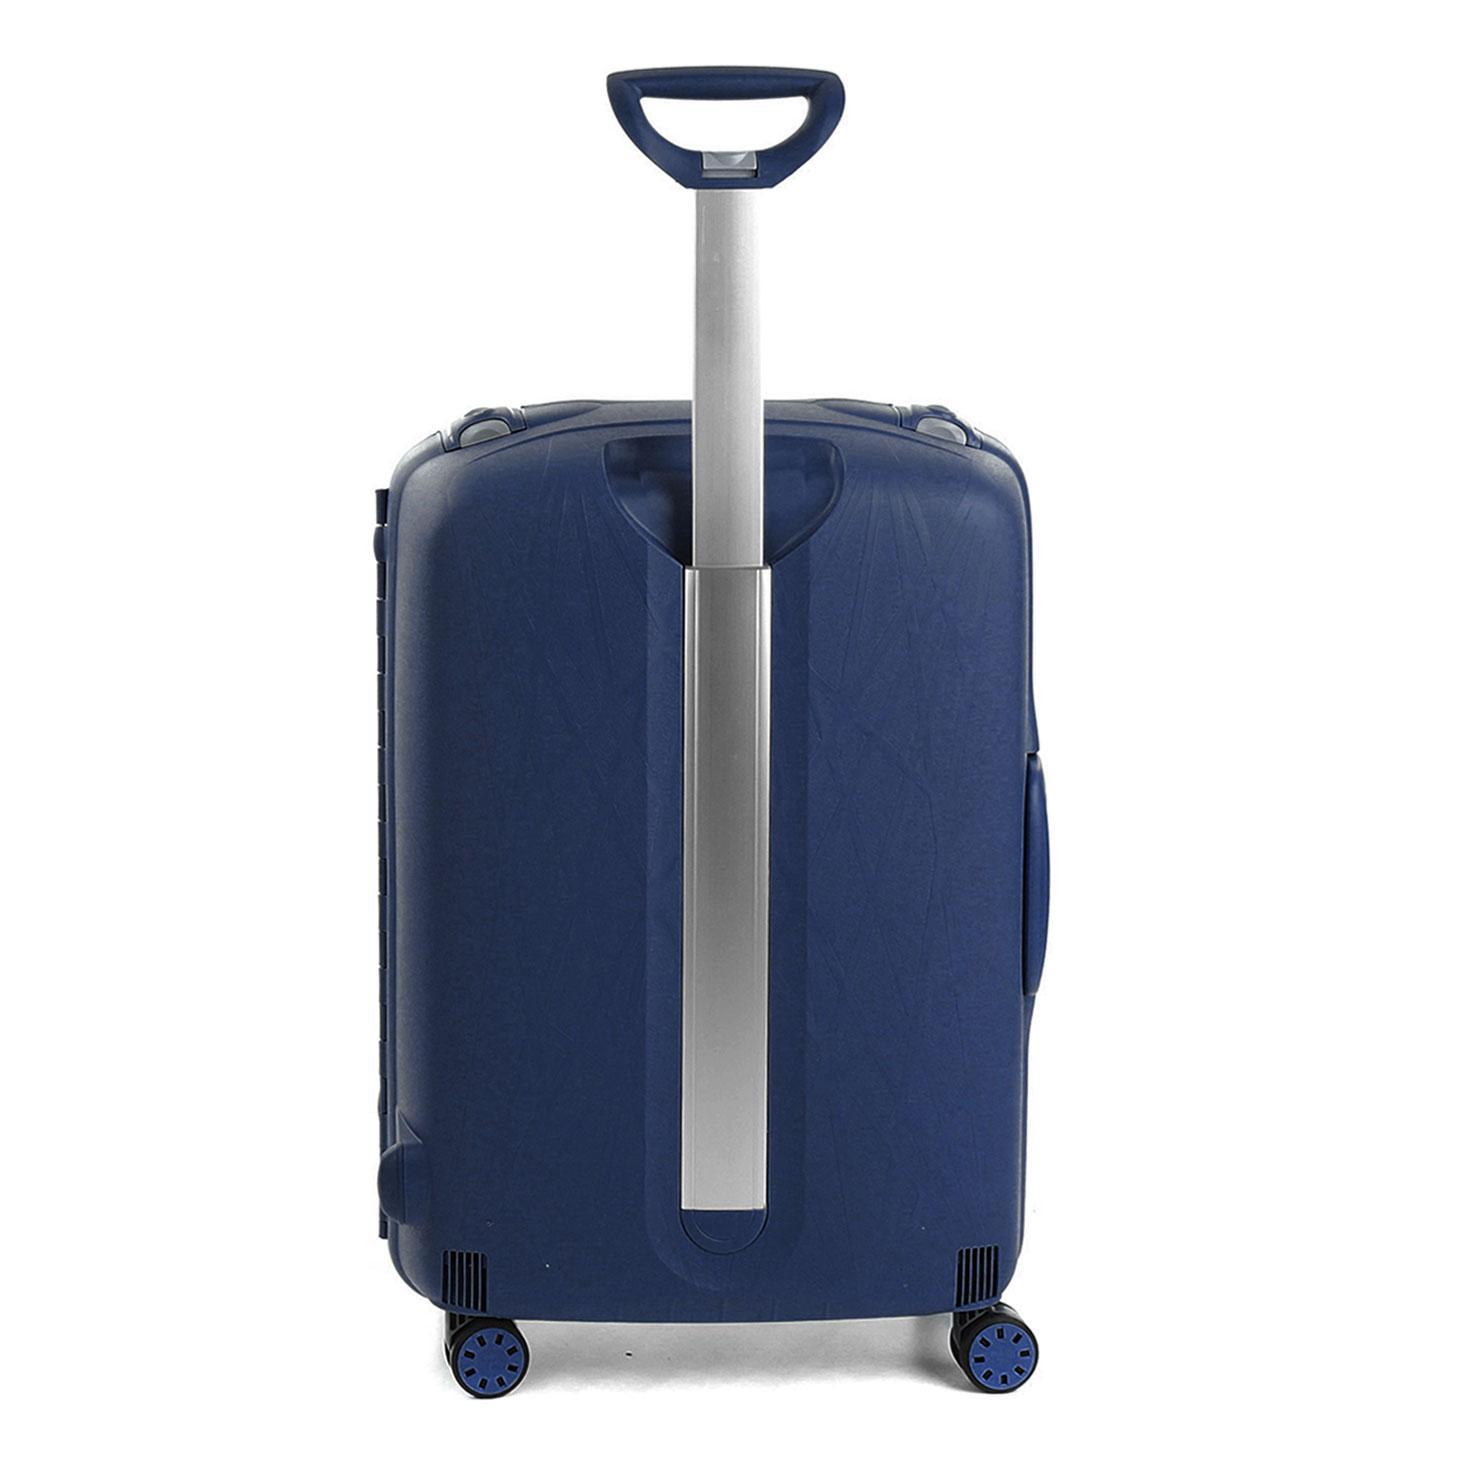 Roncato Trolley Moyen Taille 68Cm 4R Rigide Light Serrure TSA 68 x 48 x 27 Capacit/é 80 L Garantie 10 Ans cm Organiseur Rangement int/érieur